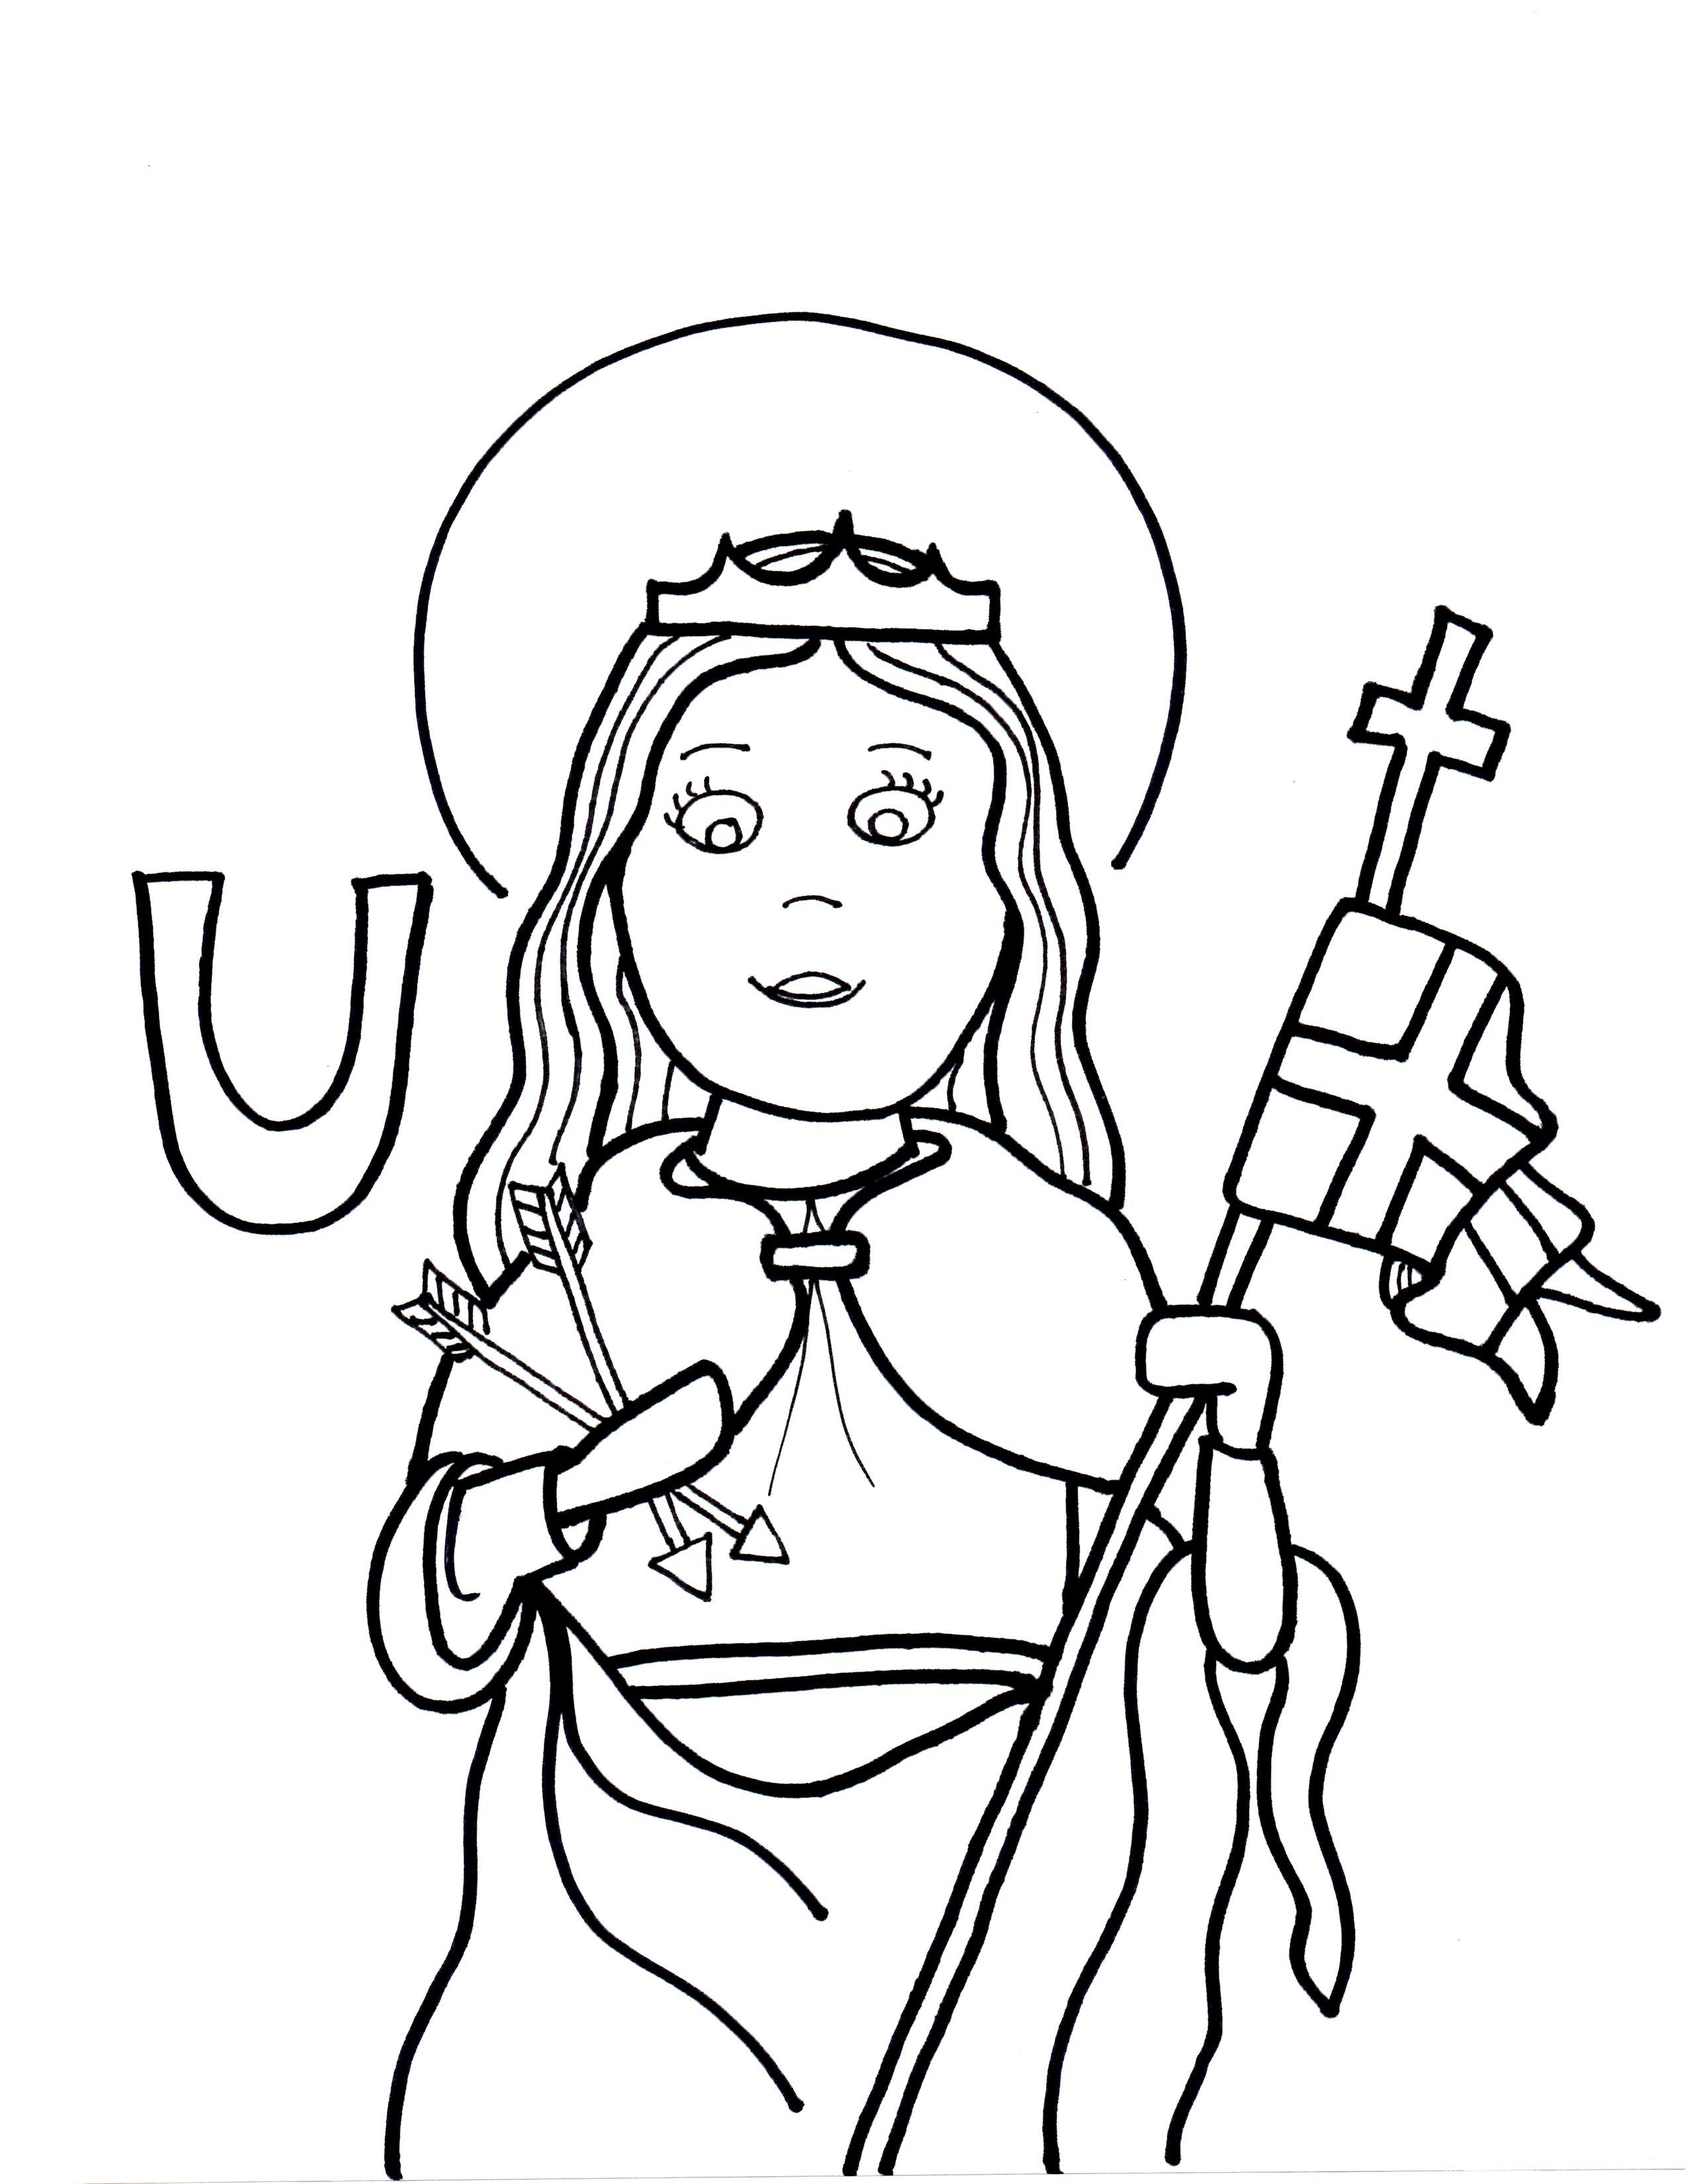 2550x3300 U Is For St Ursula Saints To Color